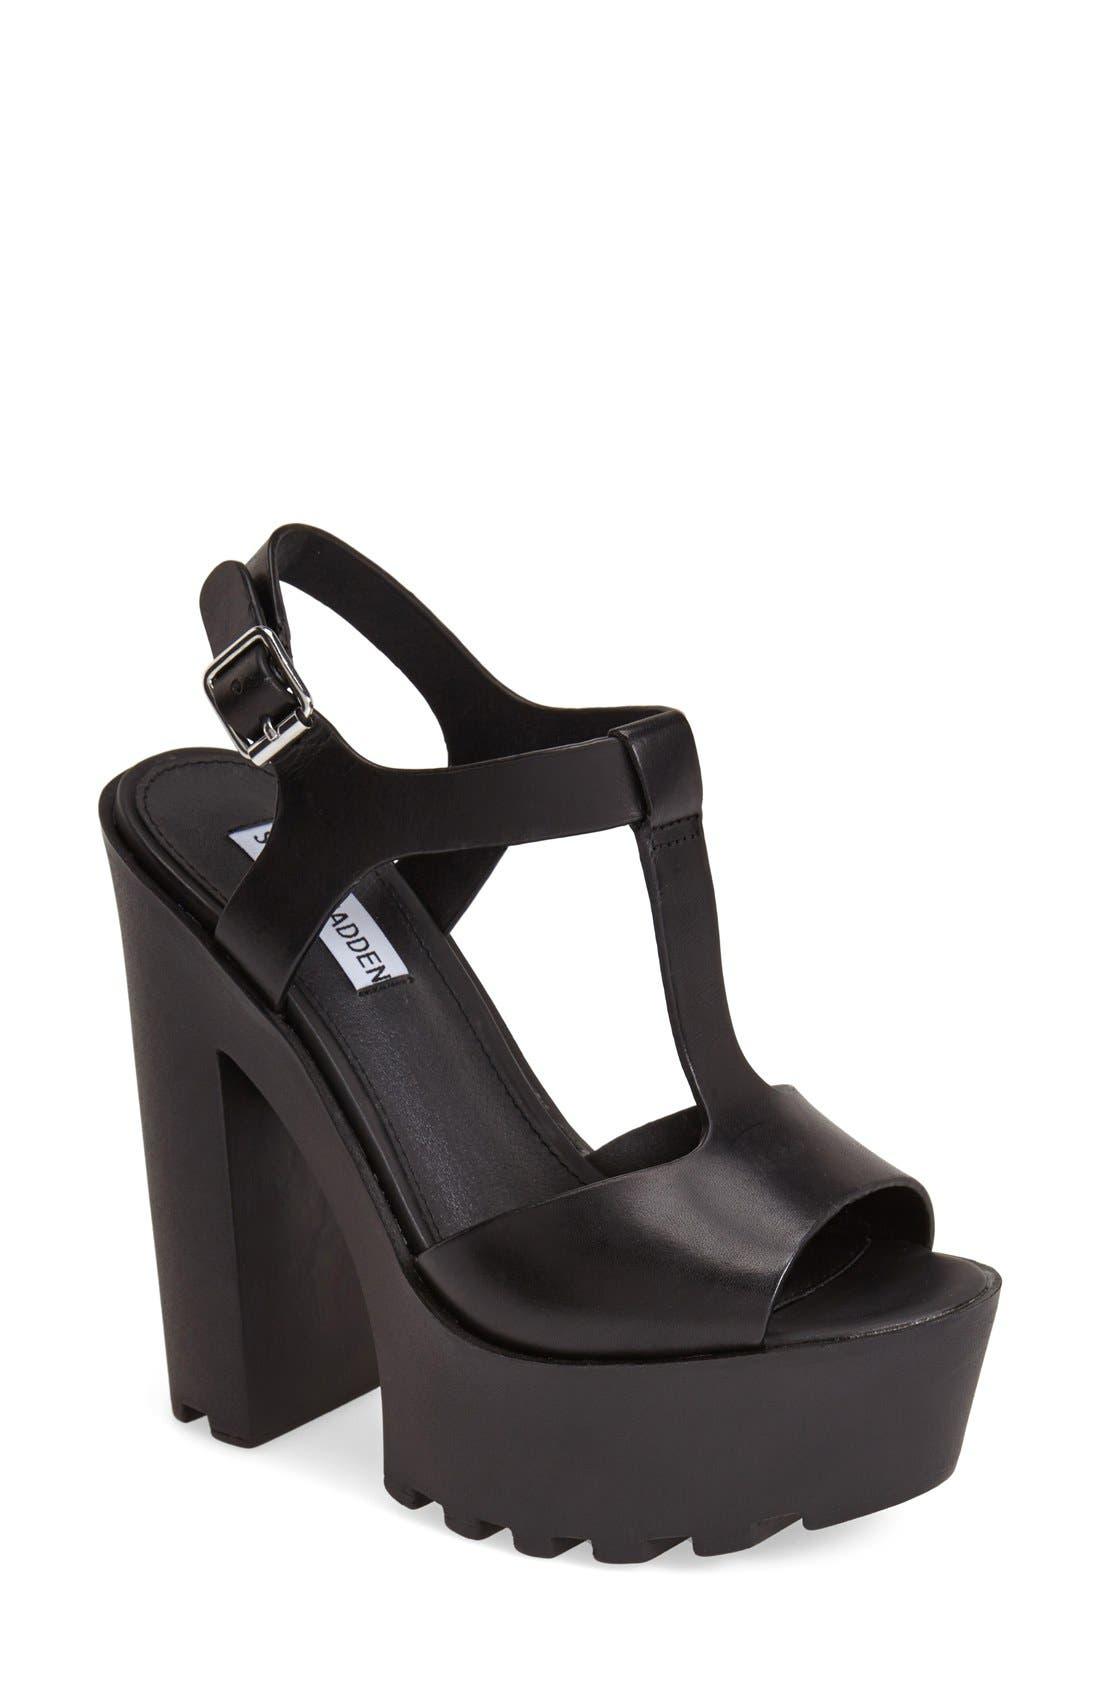 Main Image - Steve Madden 'Girltalk' Leather Platform Sandal (Women)